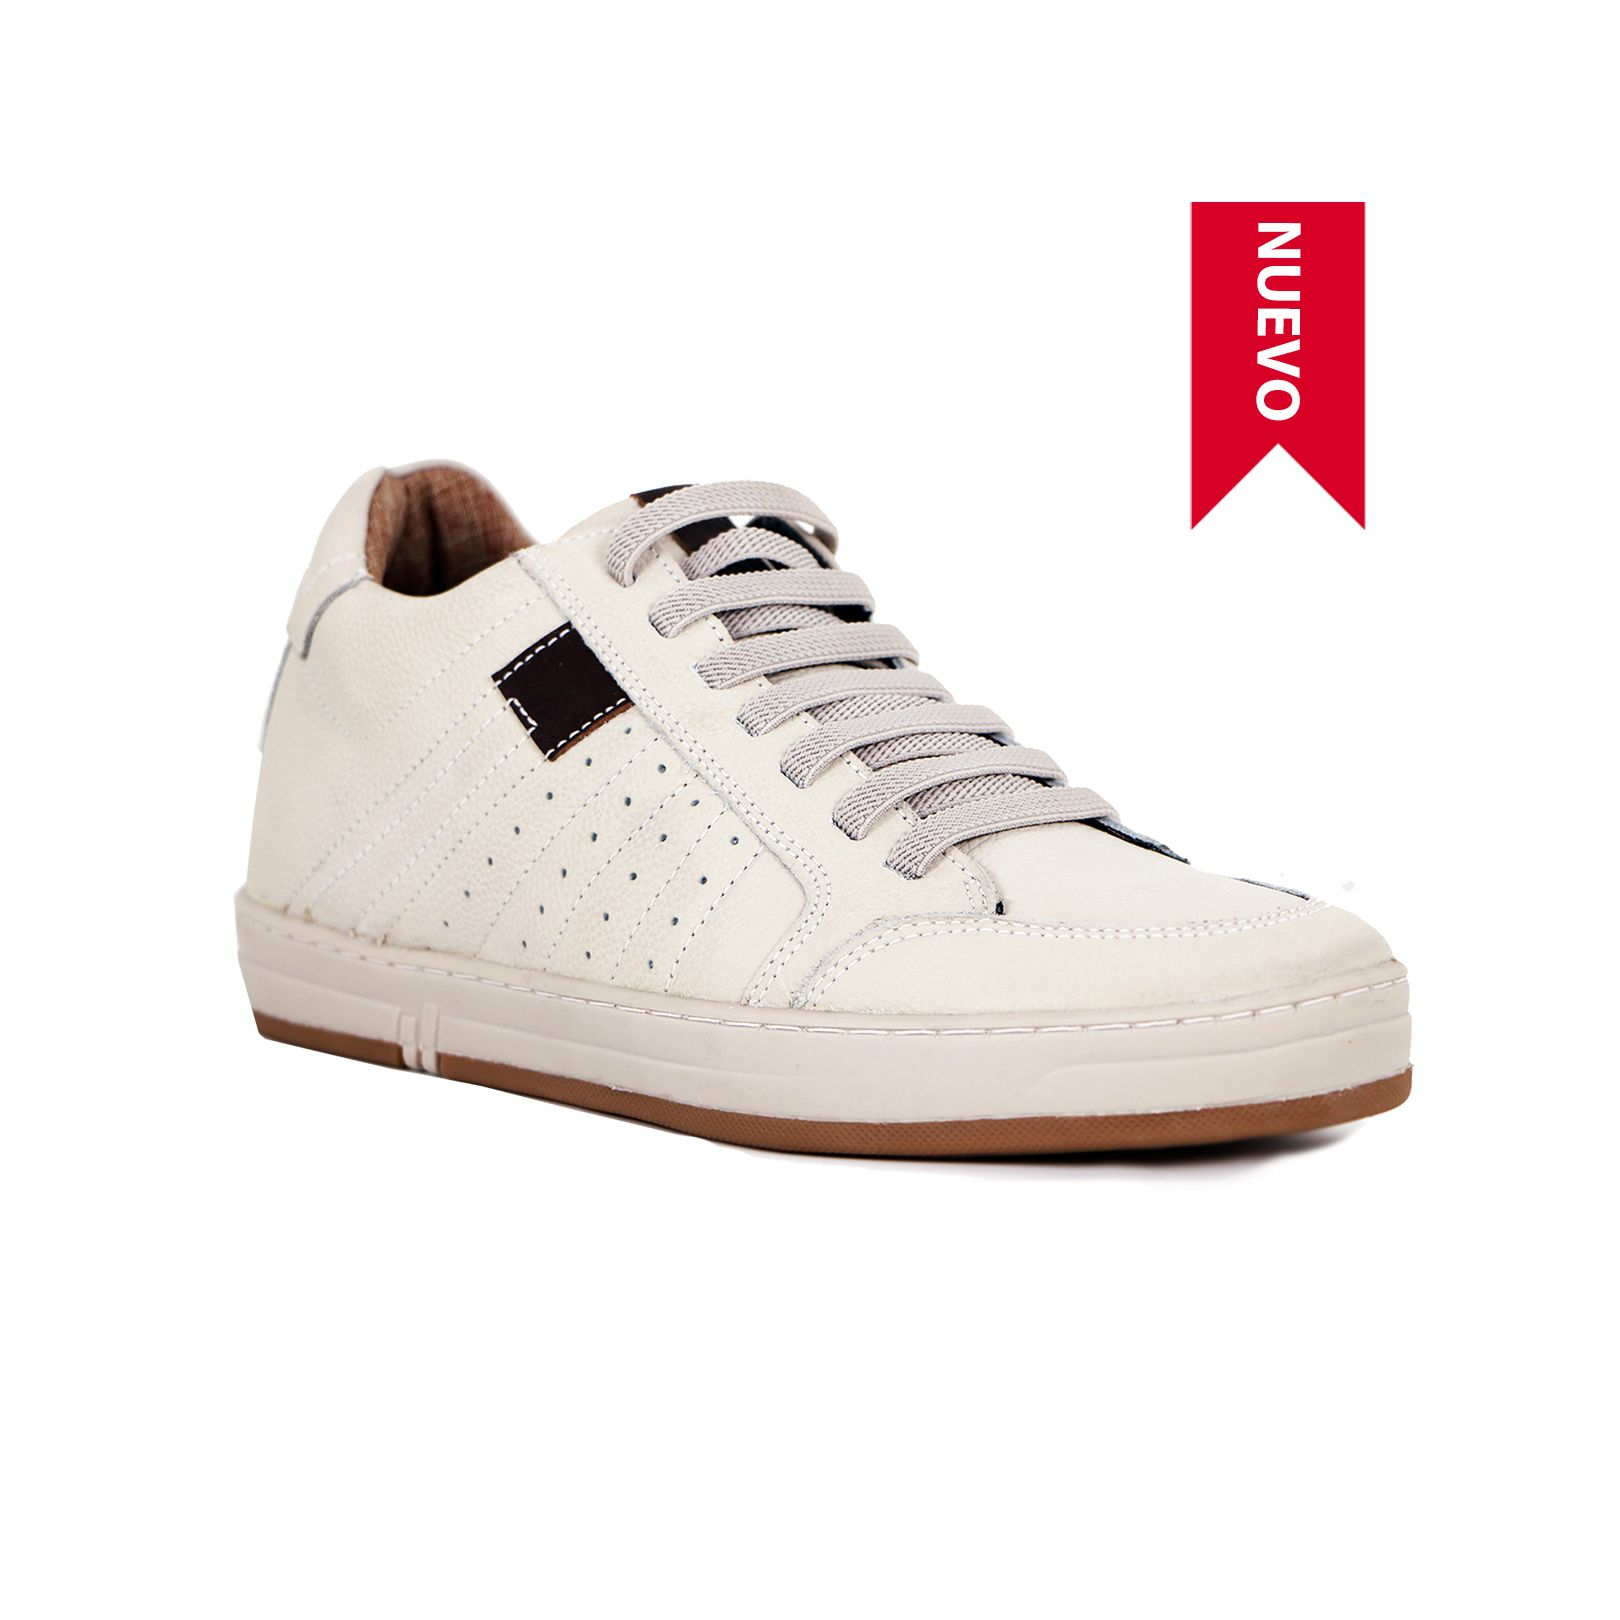 Tenis Derby Blanco Max Denegri +7cms de Altura_73436